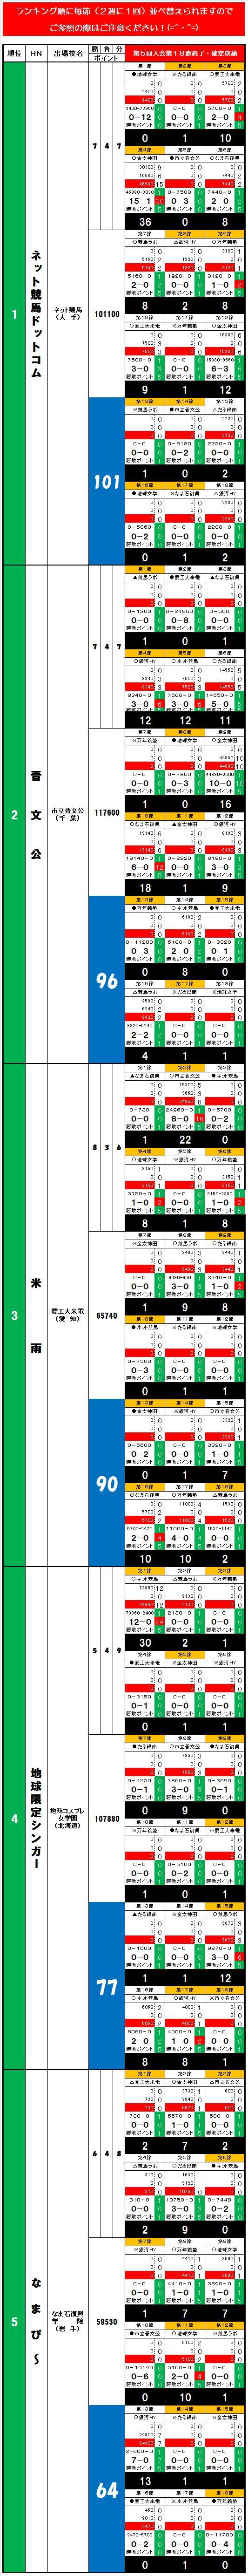 20140607・ダルマンリーグ第18節後半終了個人成績データ①.jpg